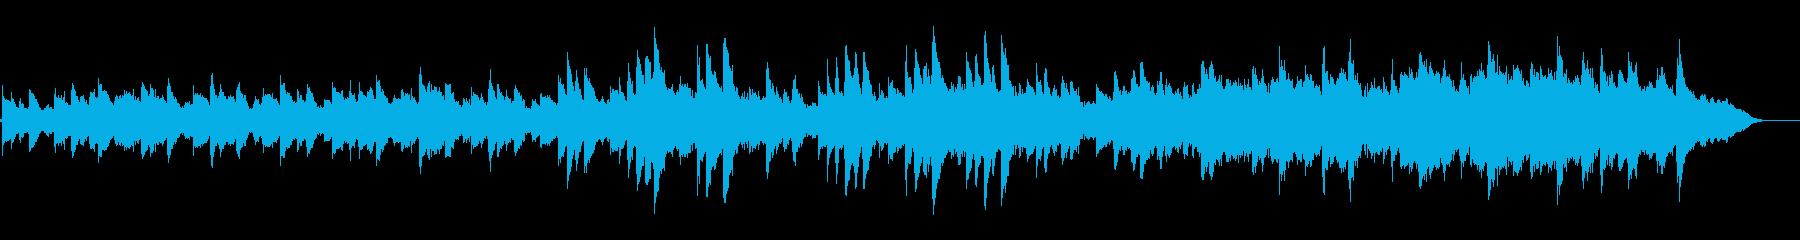 綺麗な 静か アンビエント ピアノ の再生済みの波形